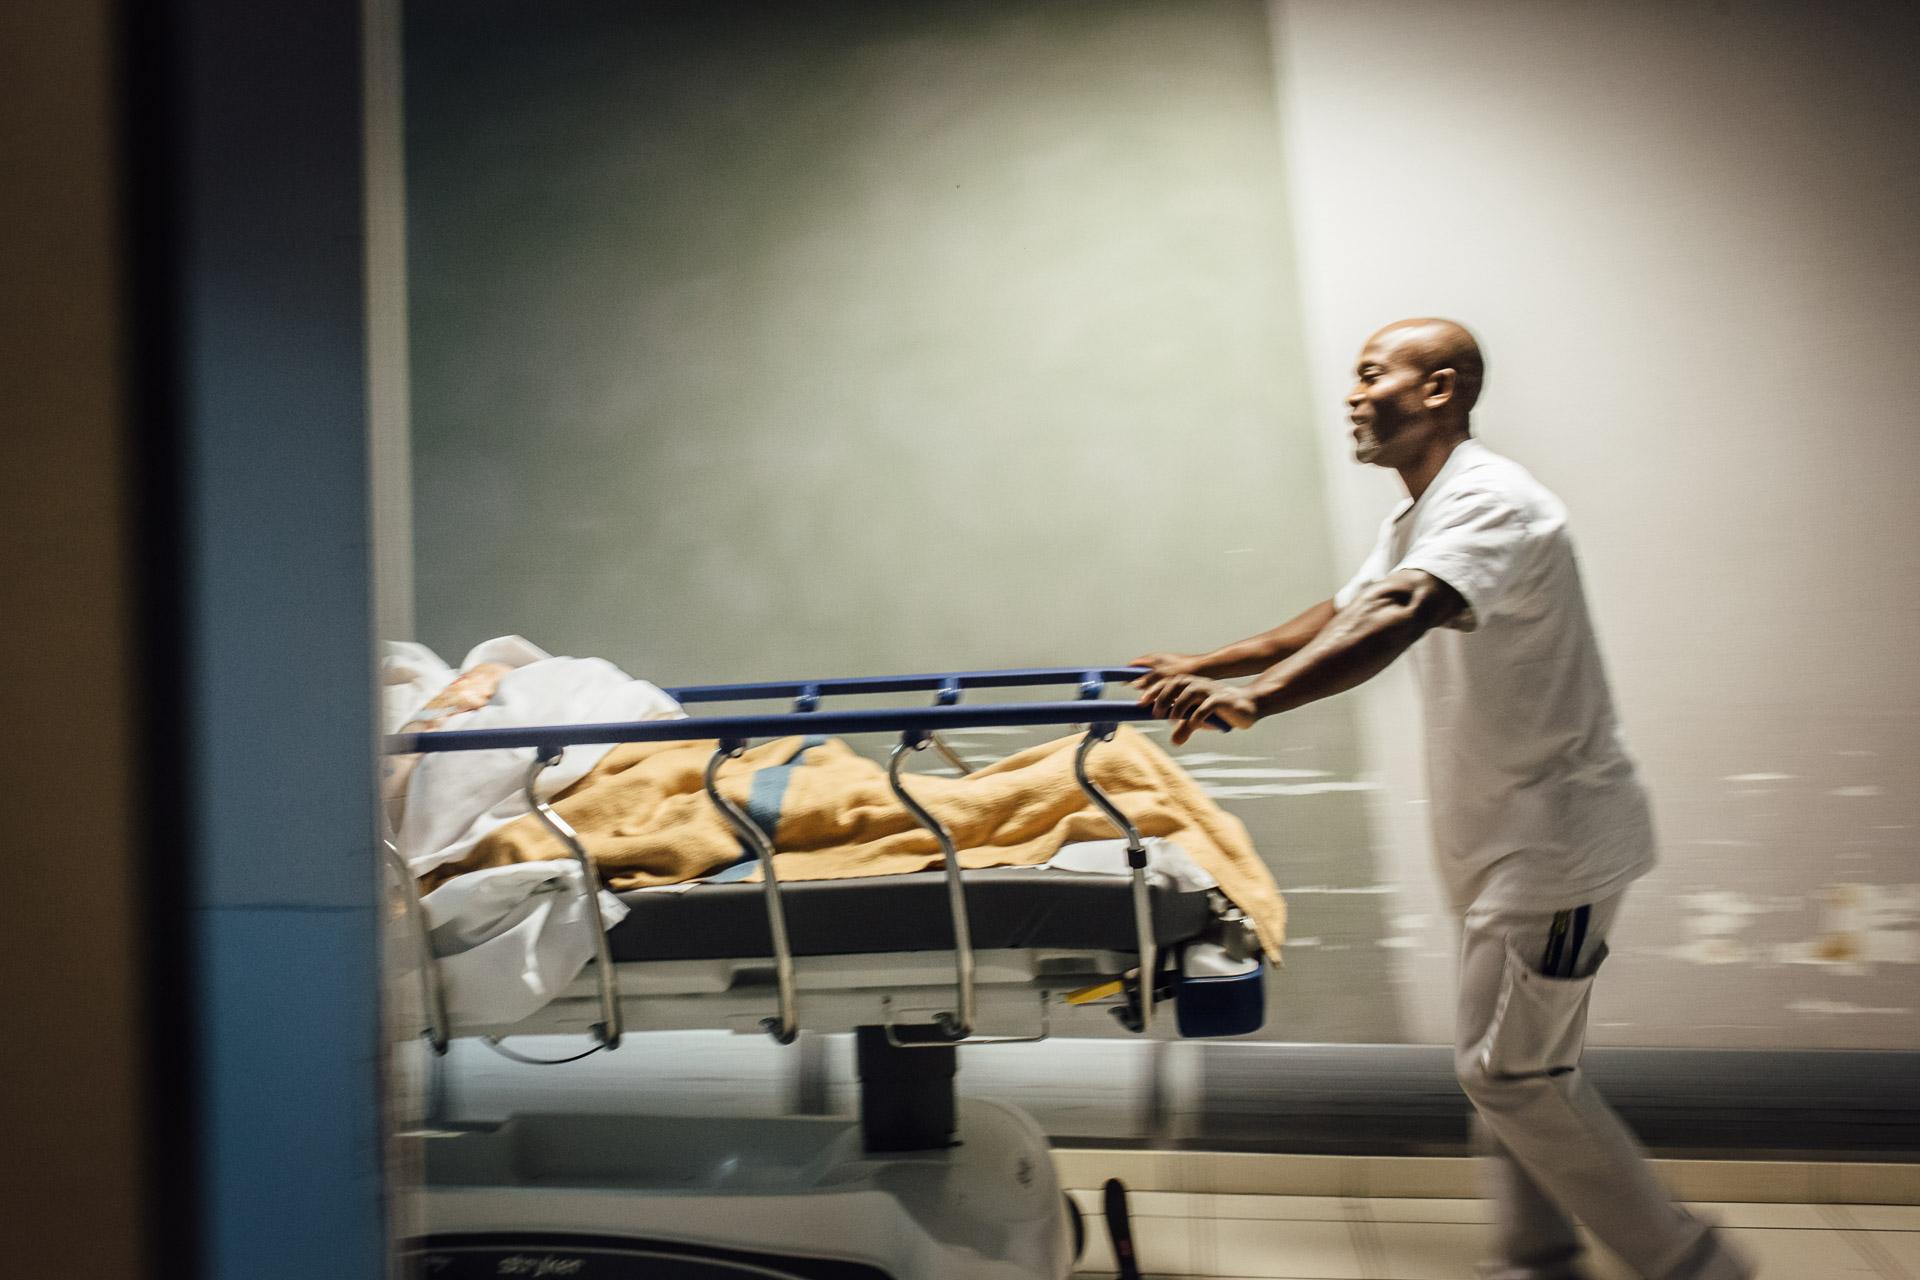 La Seyne sur mer, le 11 Octobre 2016.  Un brancardier dans les couloirs entre les urgences et le service d'imagerie médicale.